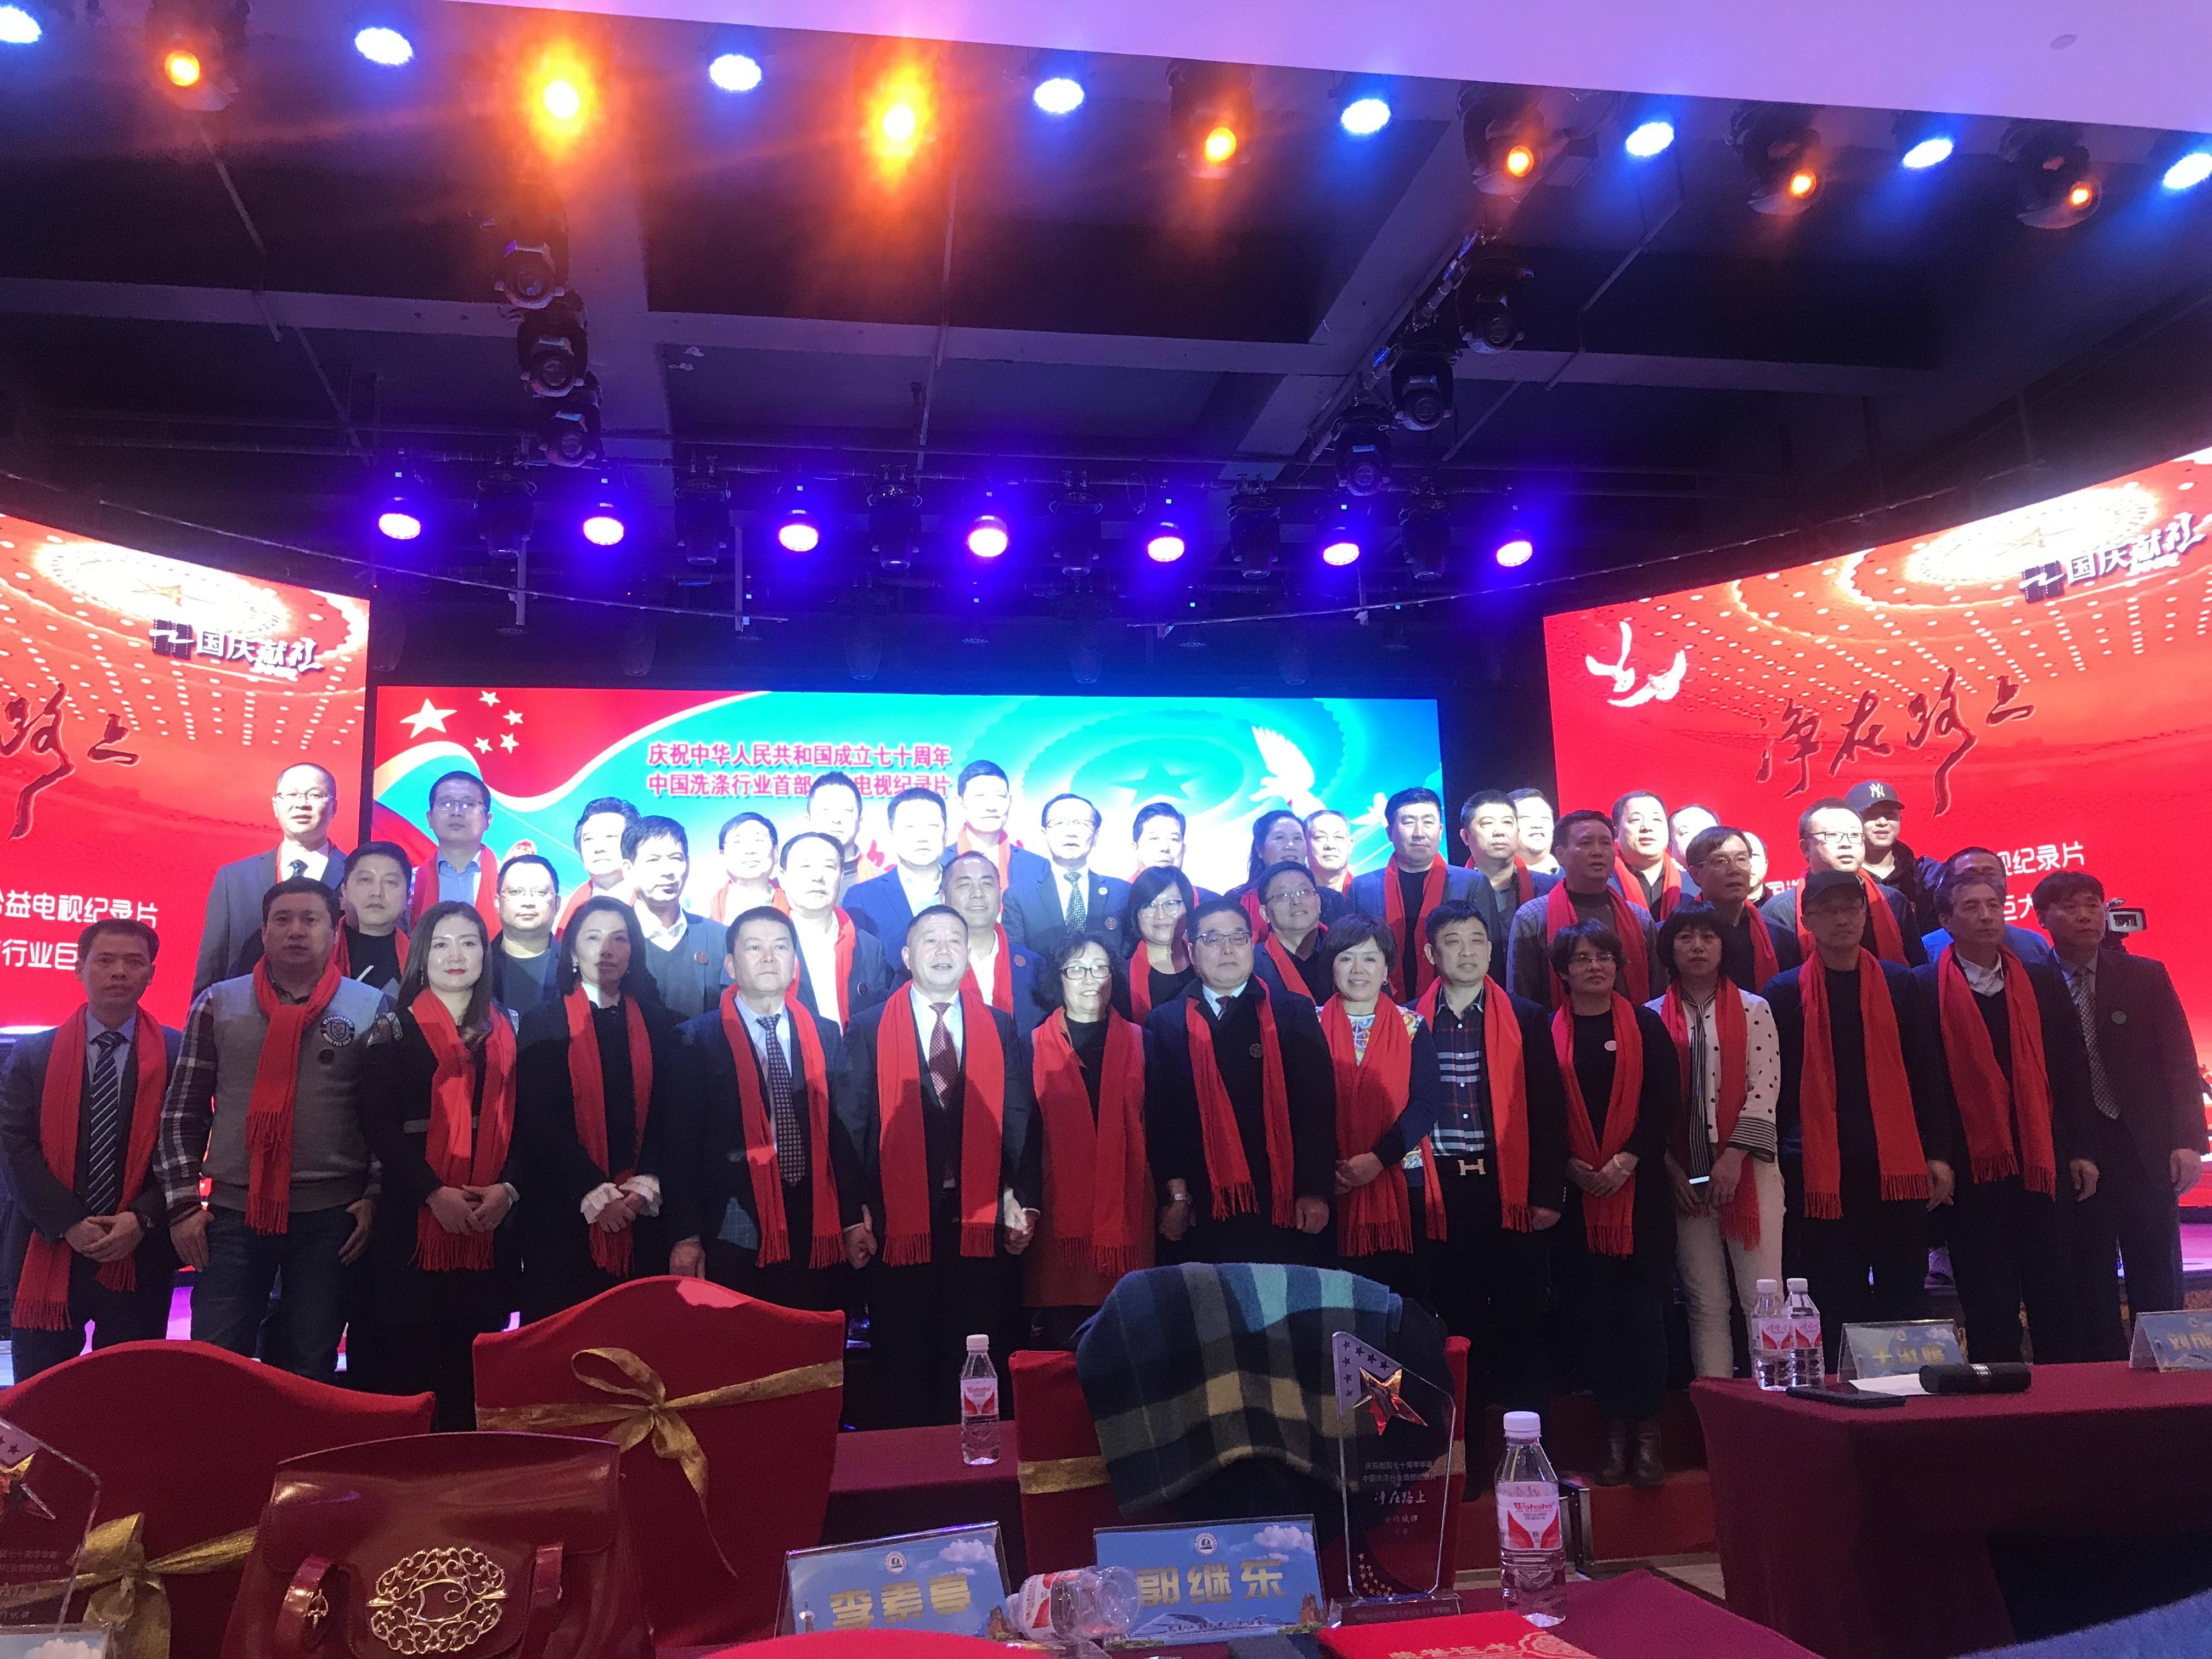 中国洗染行业首部公益电视记录片《净在路上》开机仪了,北京尤萨公司受邀参加本次活动